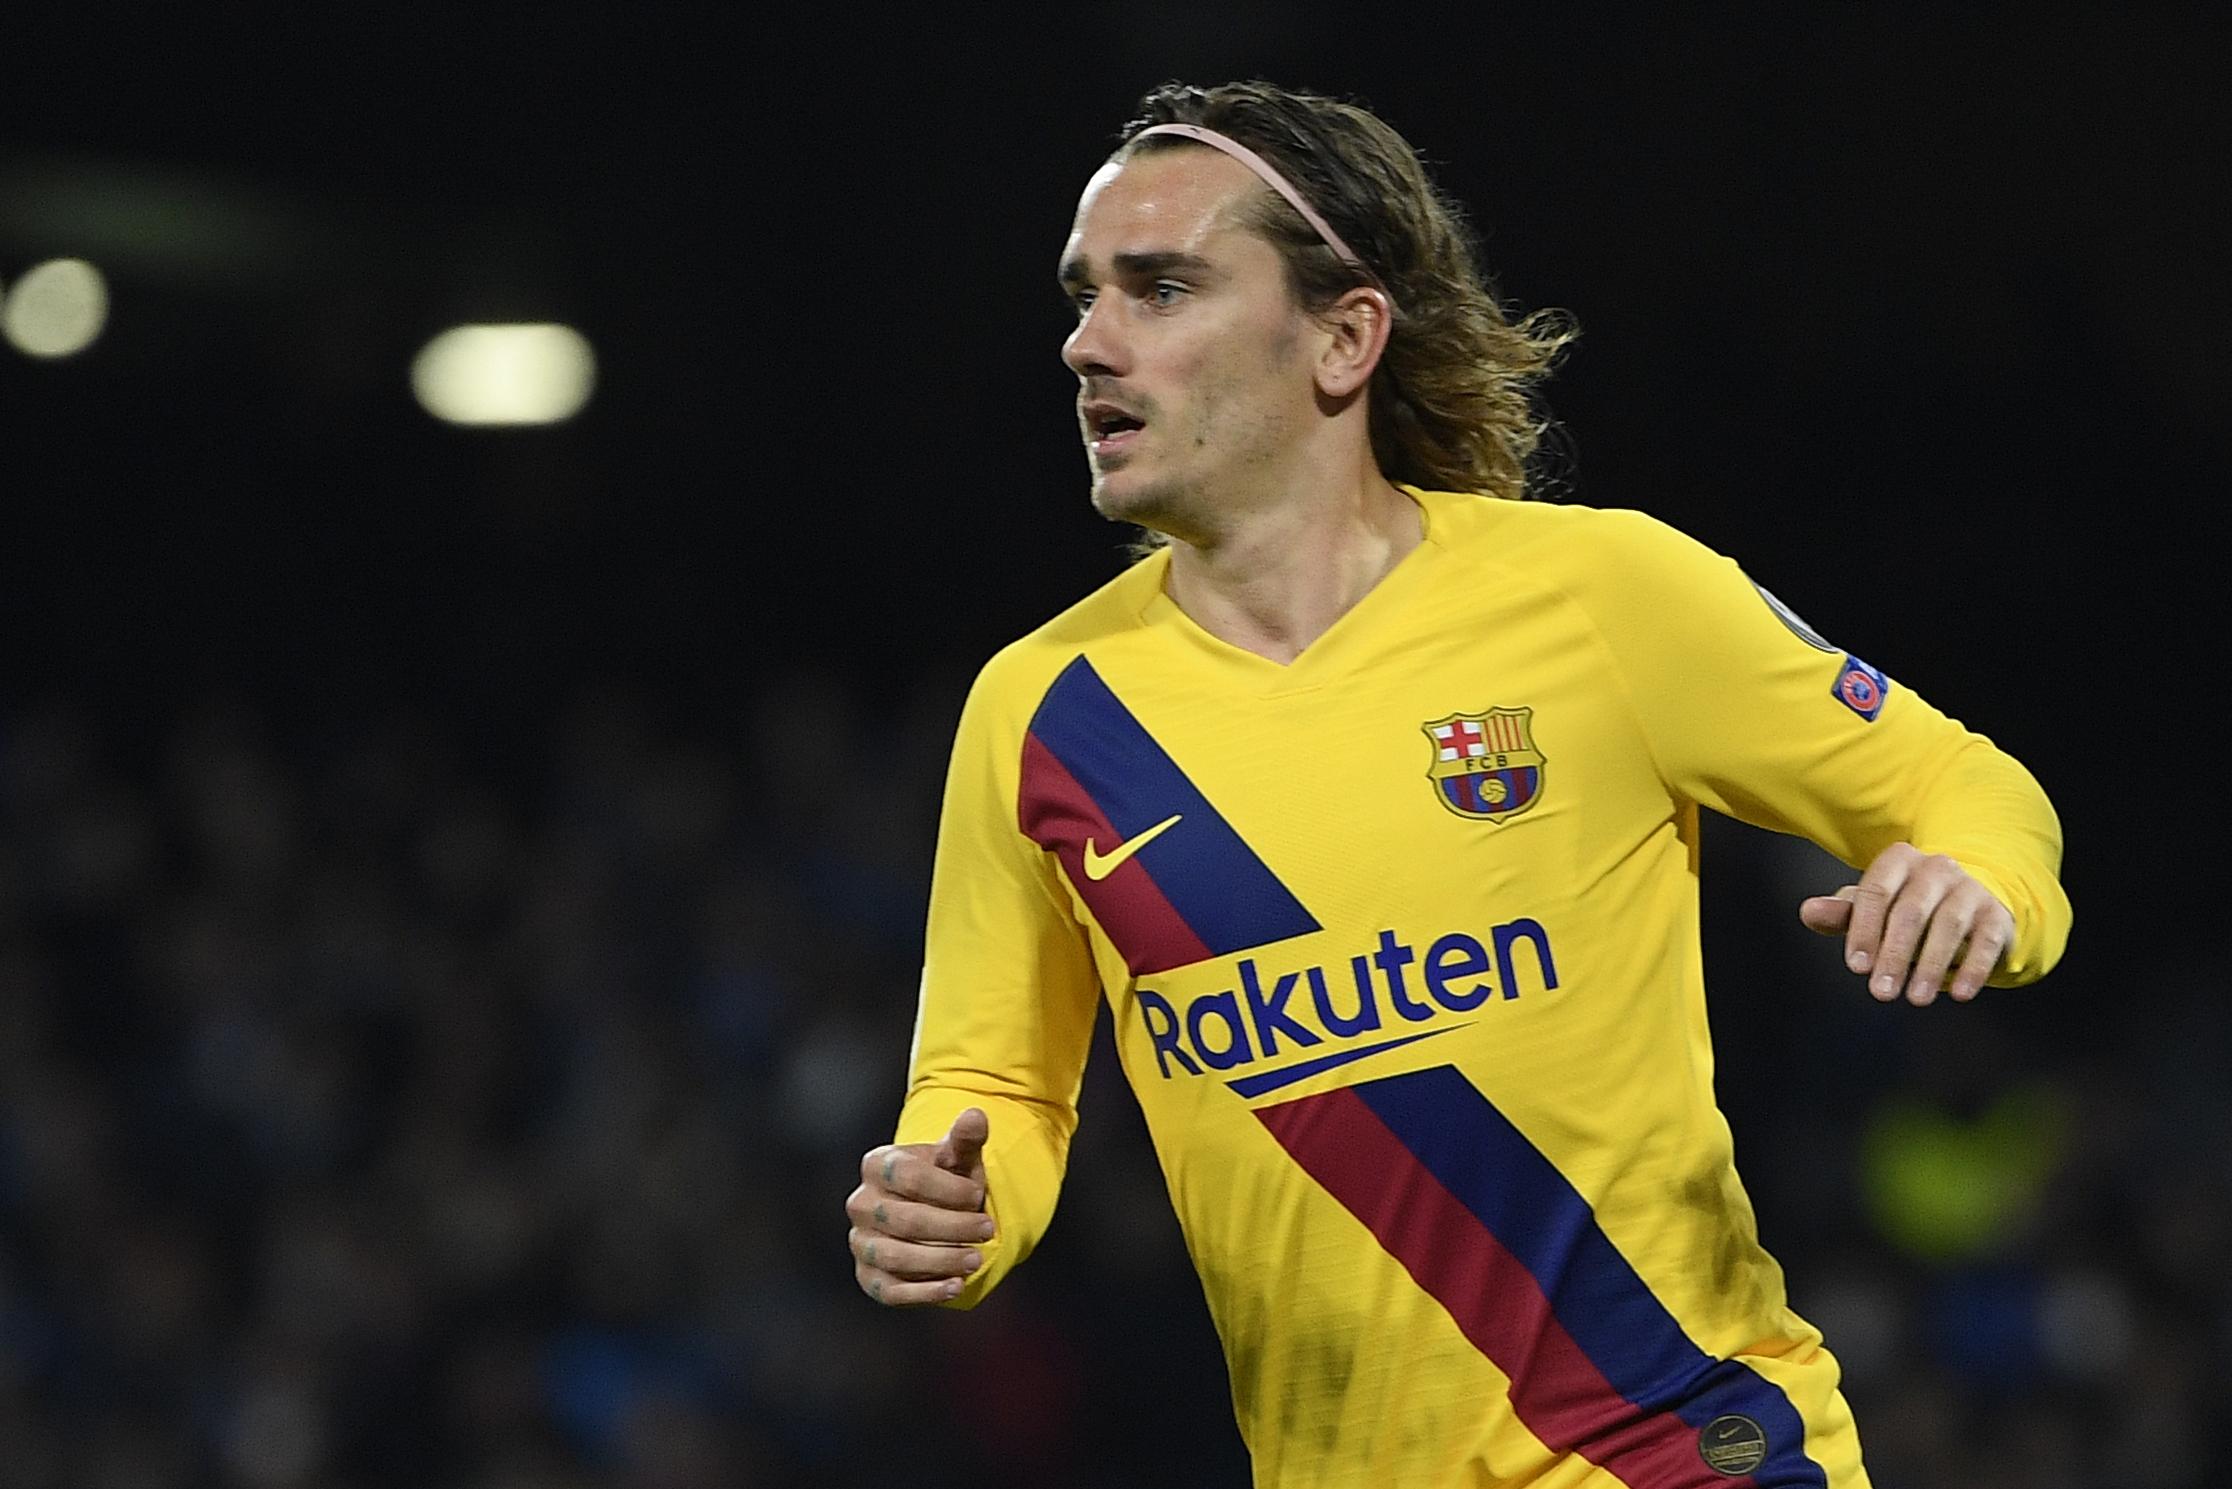 أنطوان غريزمان لاعب برشلونة الإسباني